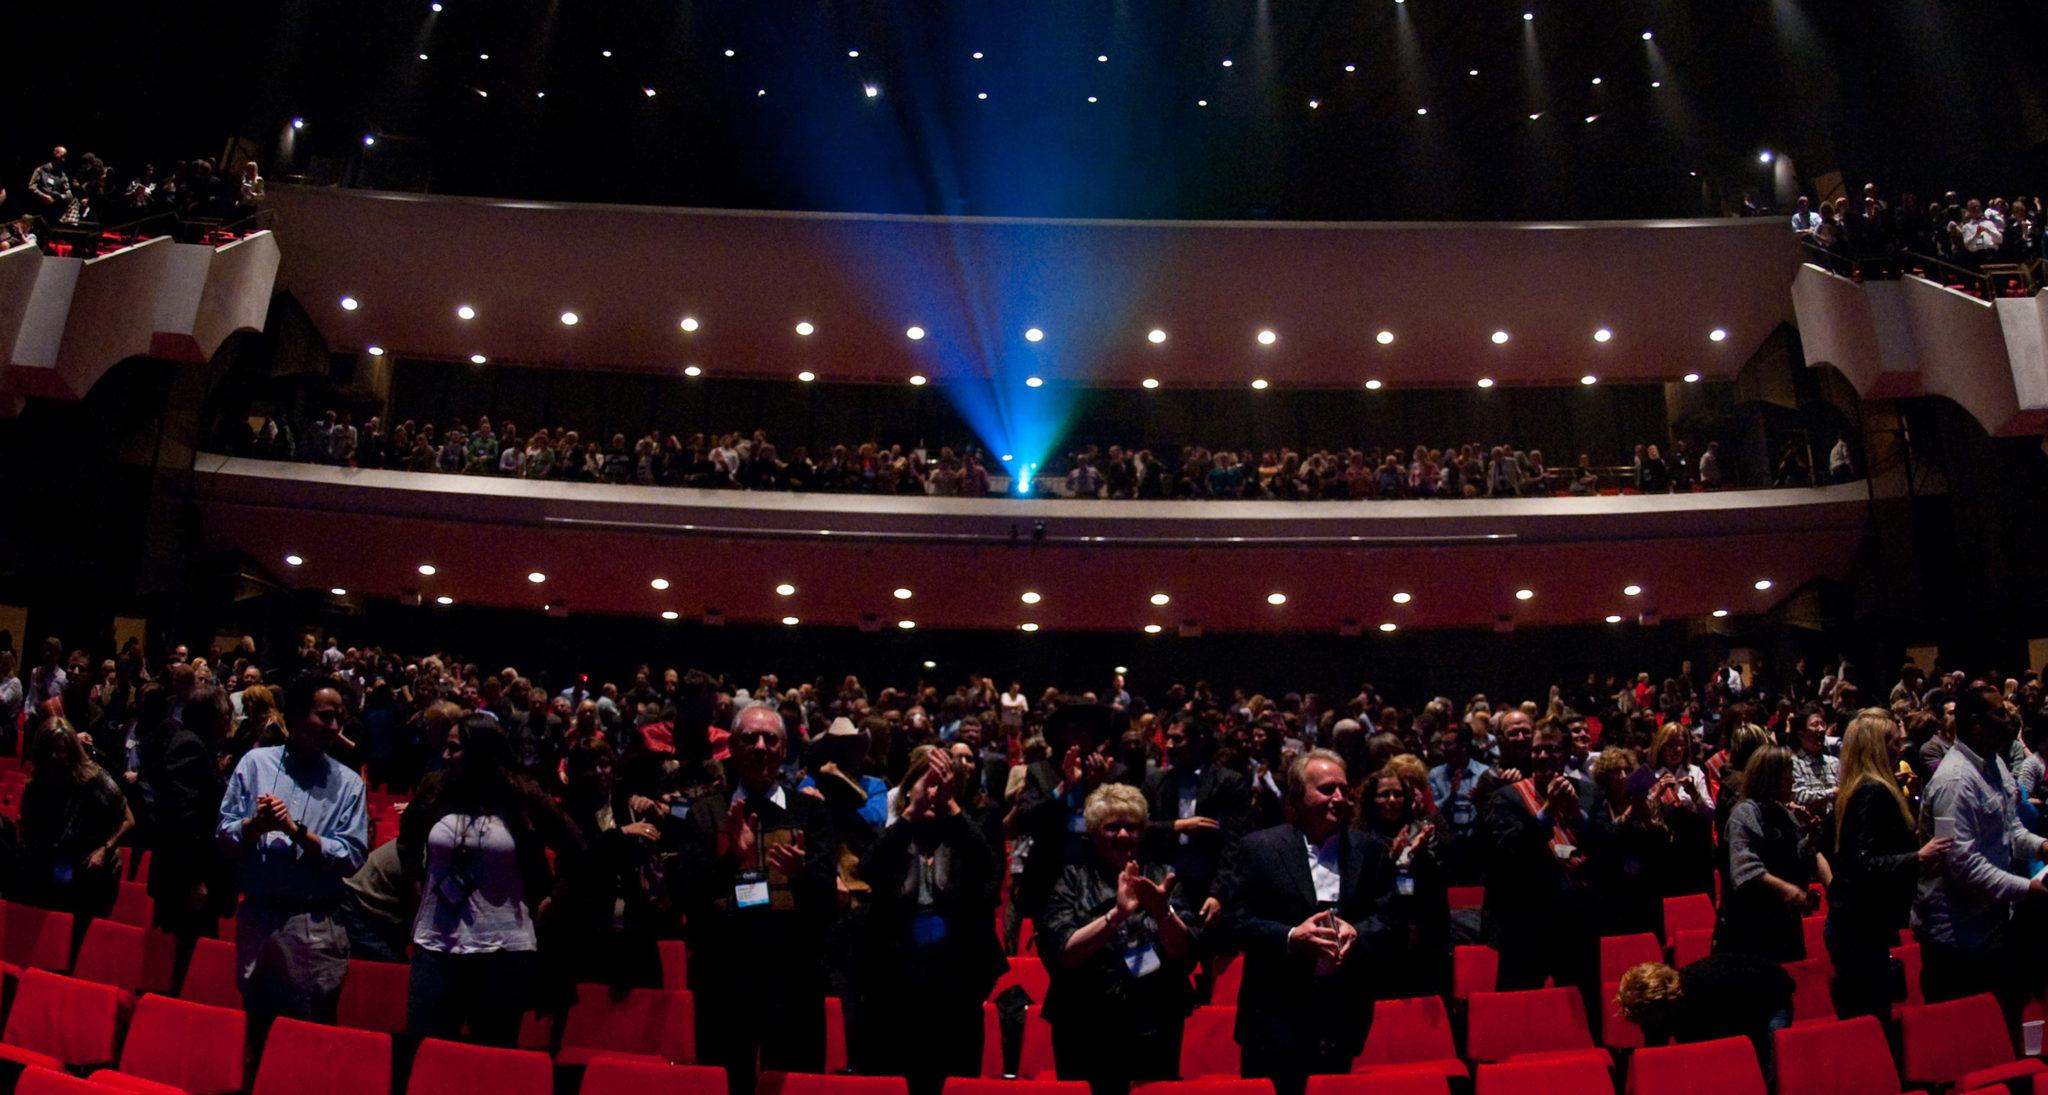 Centennial Concert Hall